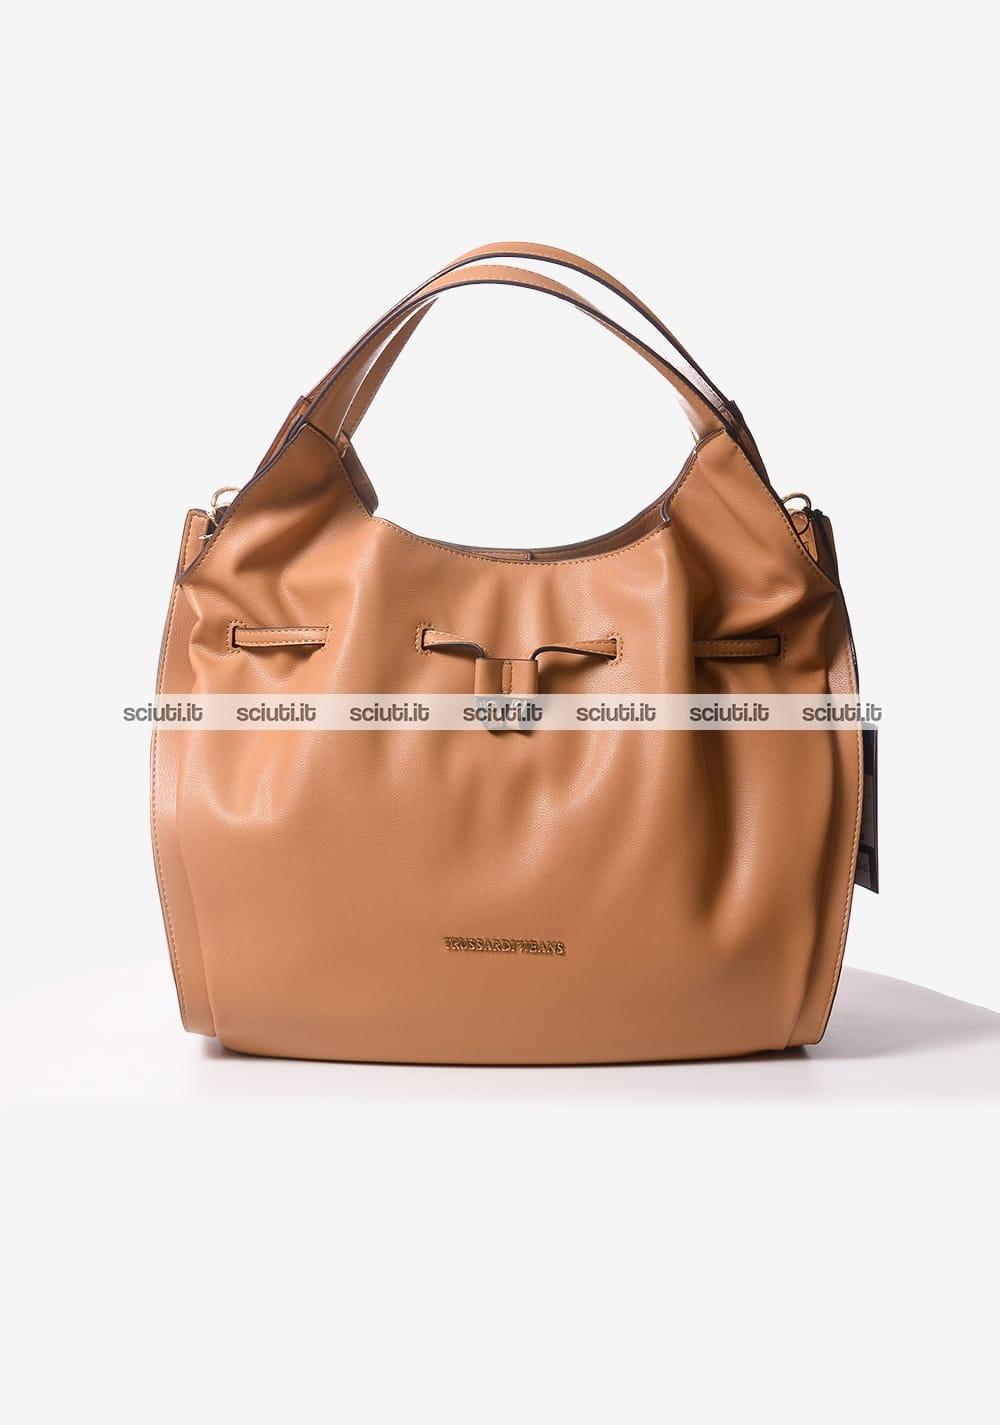 a03c42ee00 Borsa secchiello Trussardi jeans donna Bellflower marrone | Sciuti.it